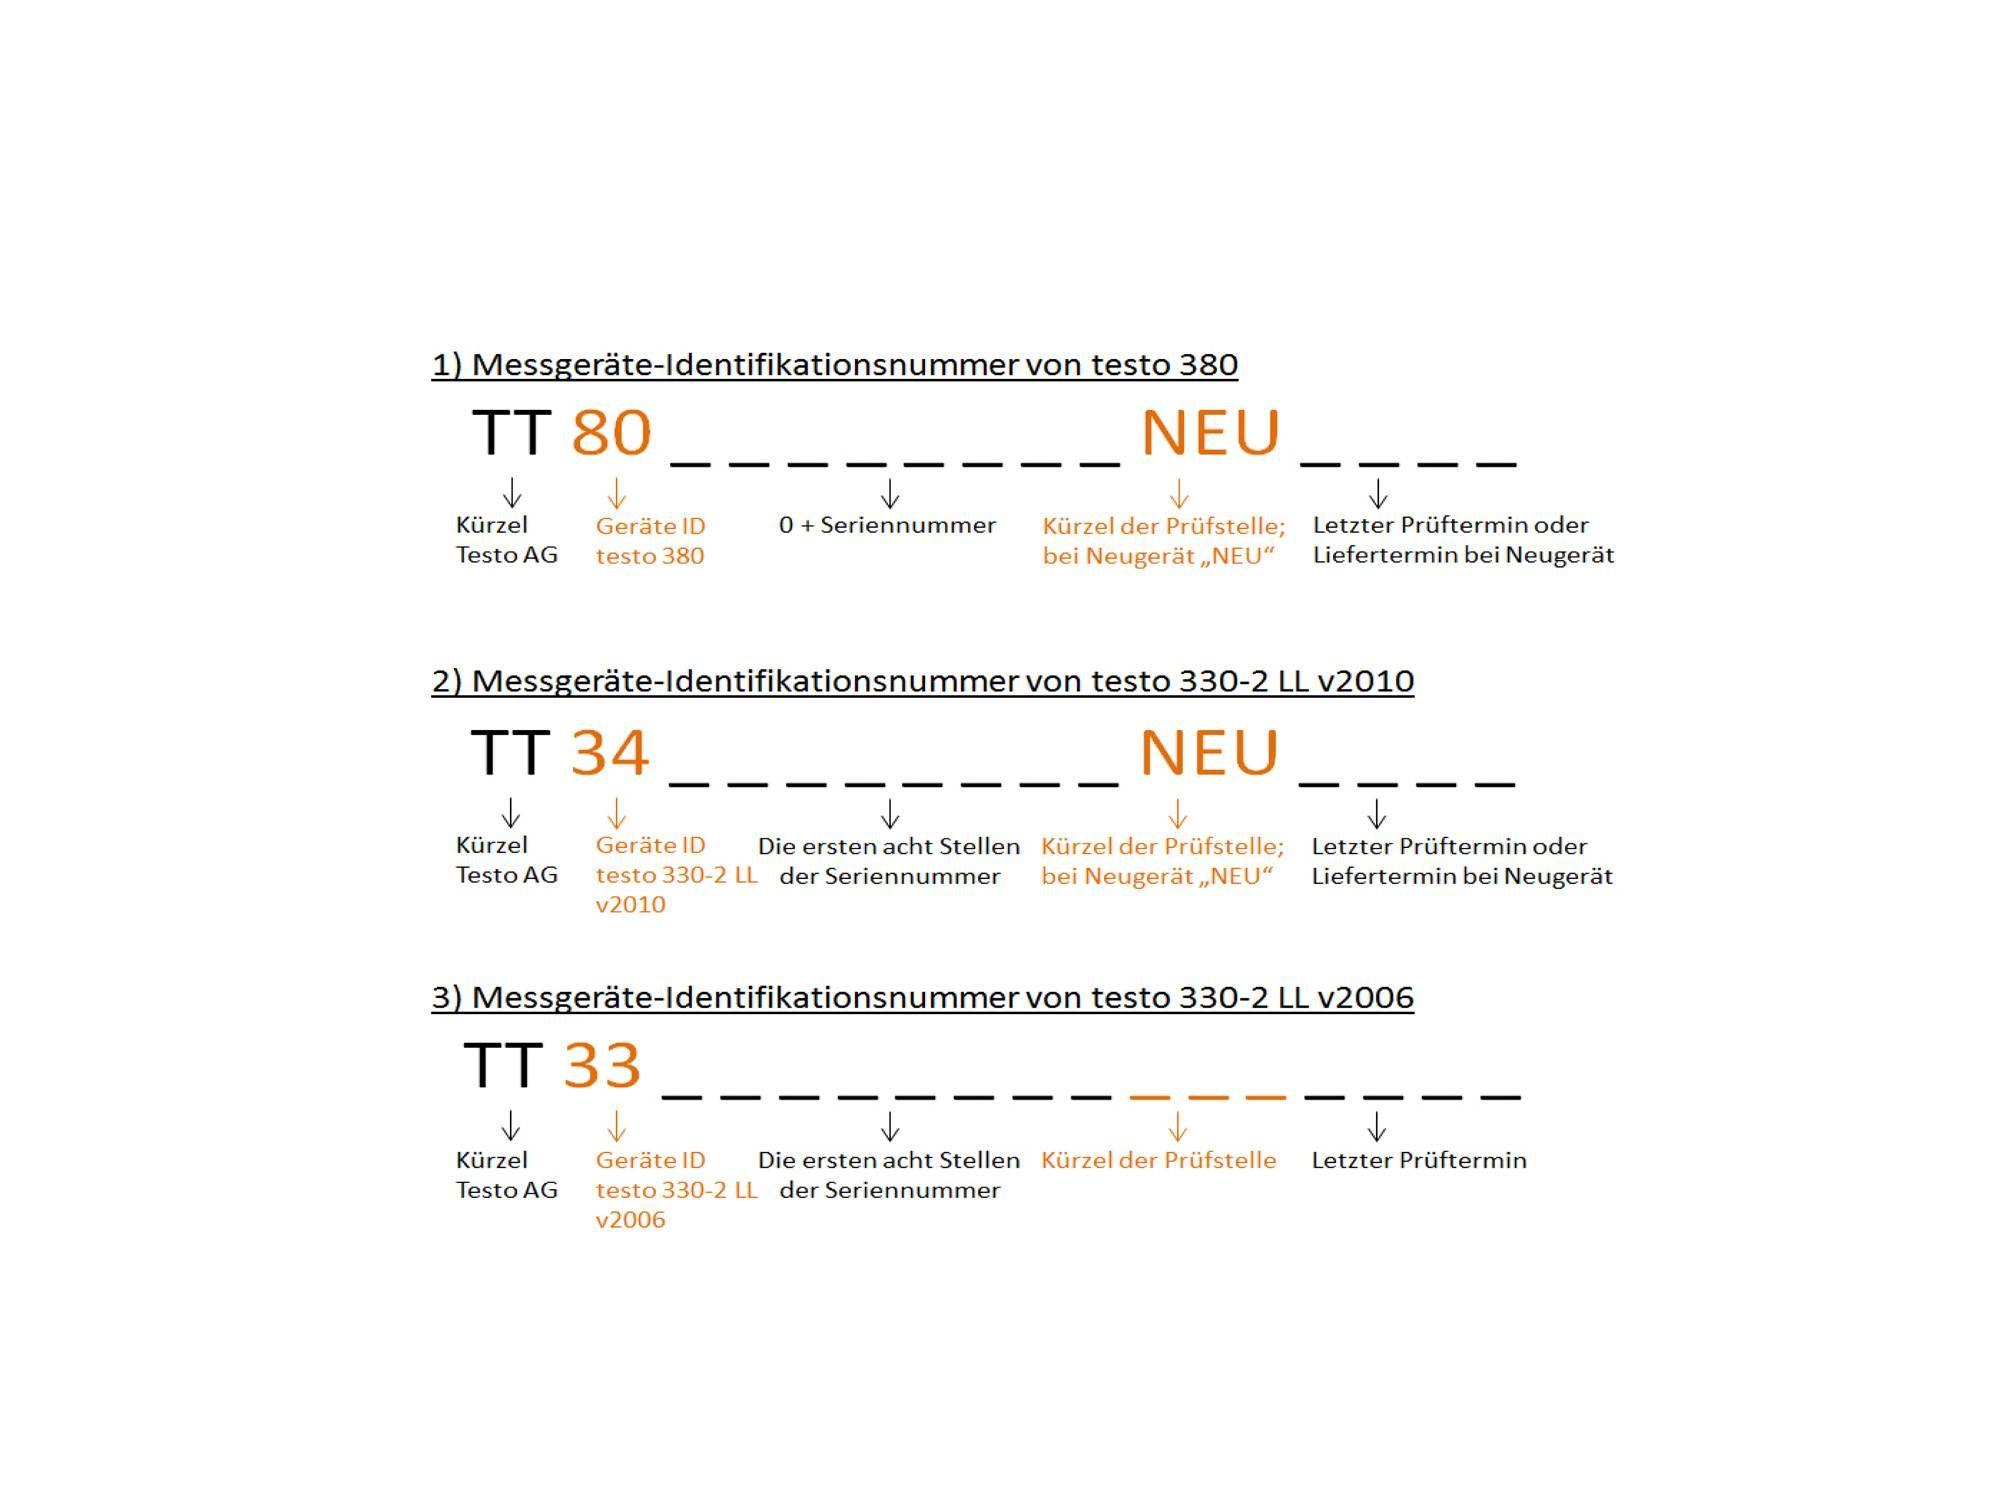 testo-380-aufbau-der-messgeraete-identifikationsnummer.jpg